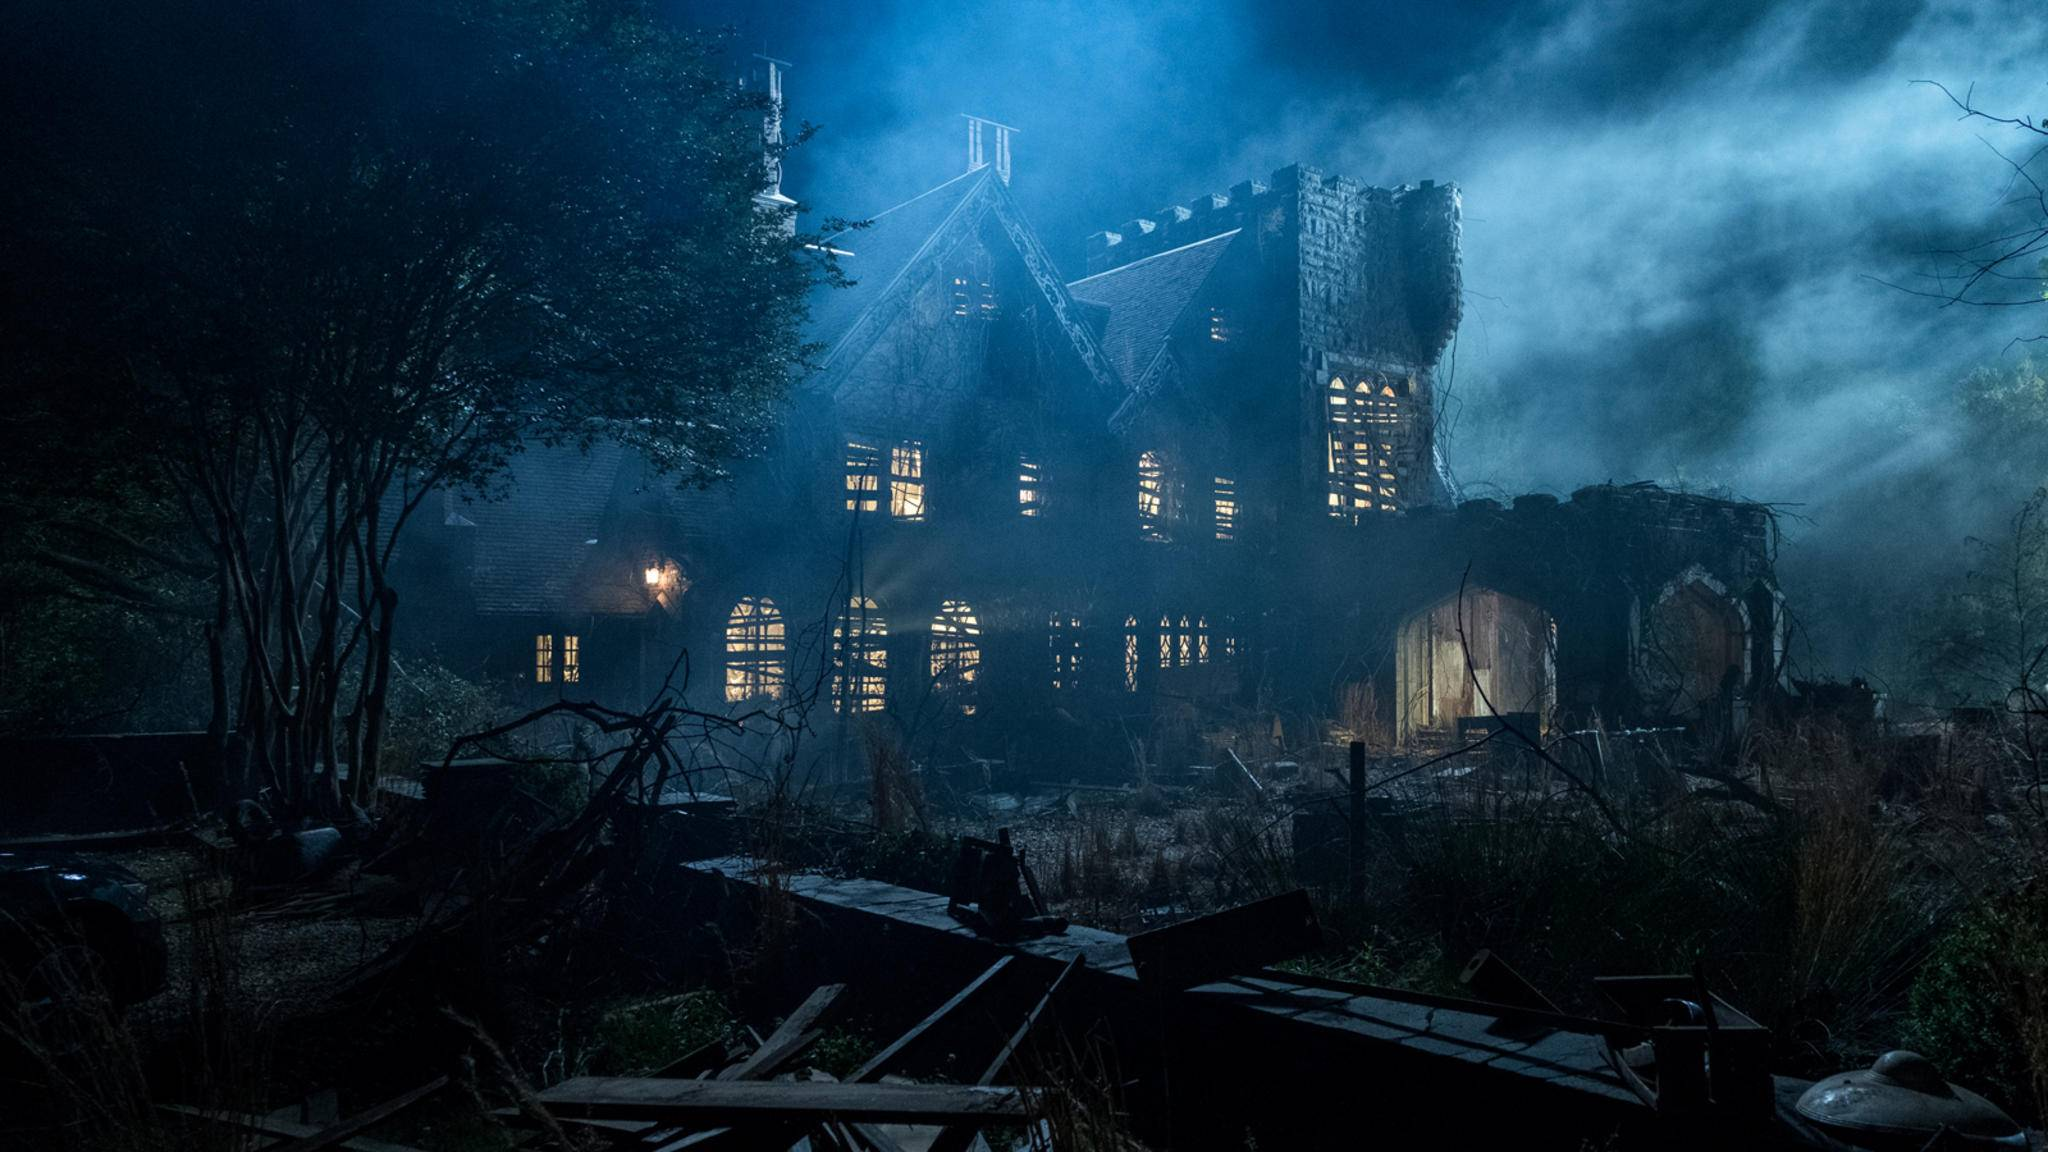 Das Hill House begrüßt schon bald seine alten Bewohner zurück.